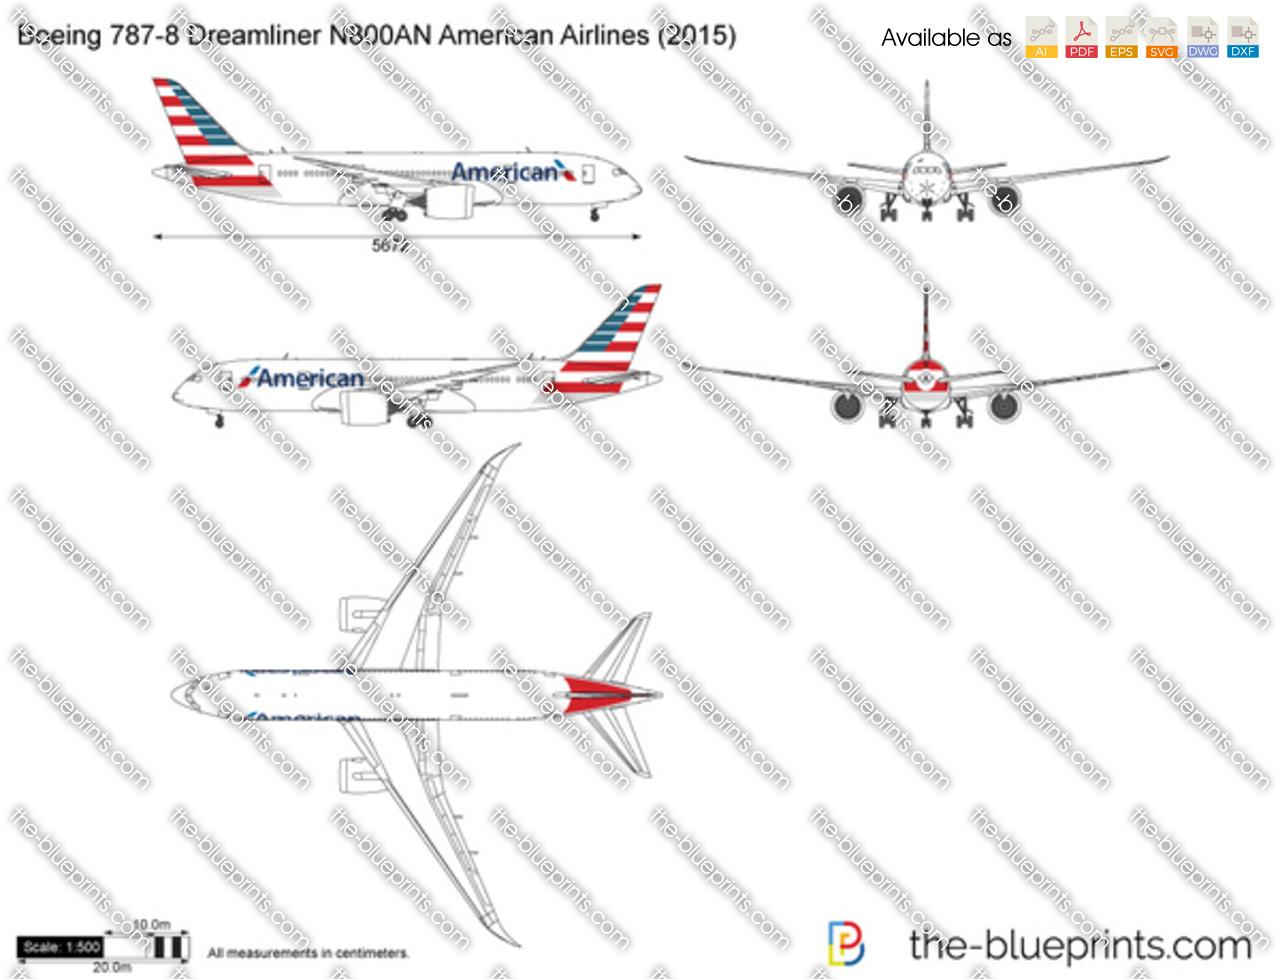 Boeing 787-8 Dreamliner N800AN American Airlines 2016